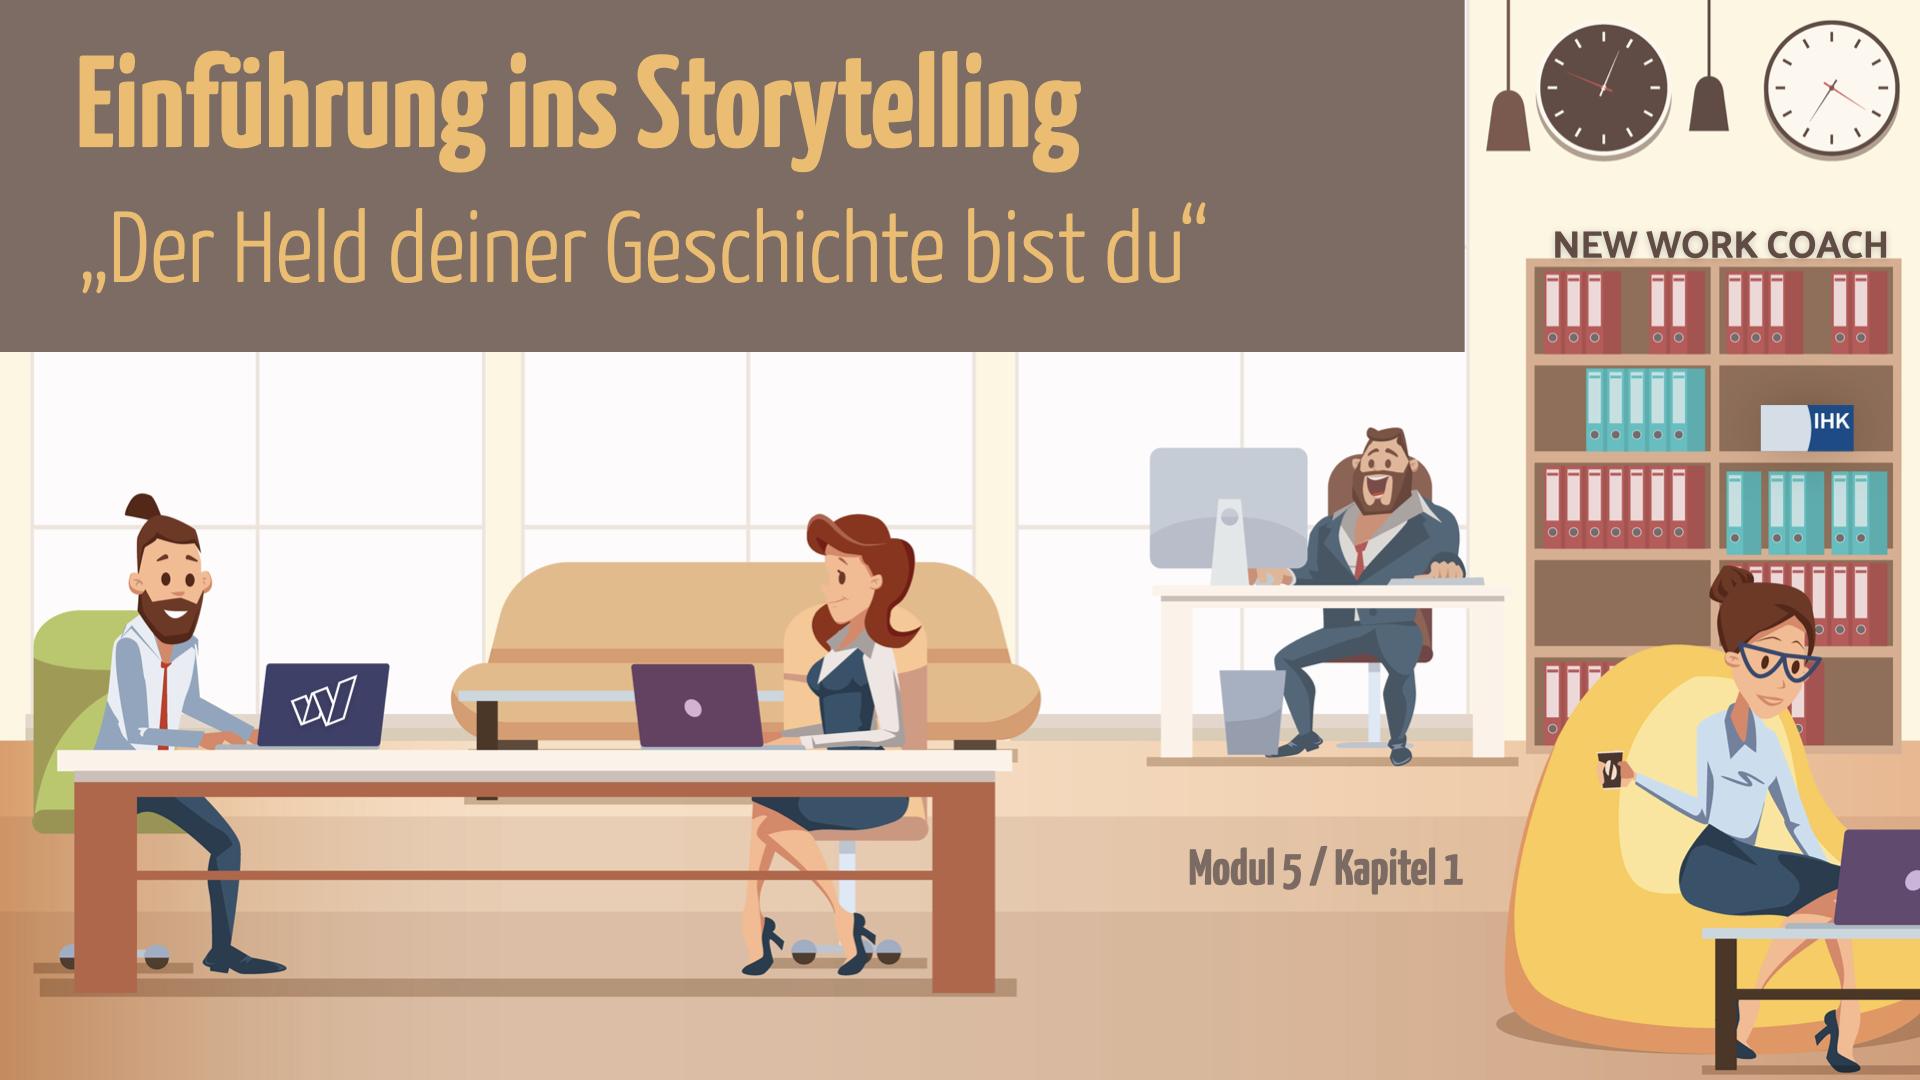 Storytelling-new-work-coach-ausbildung-r